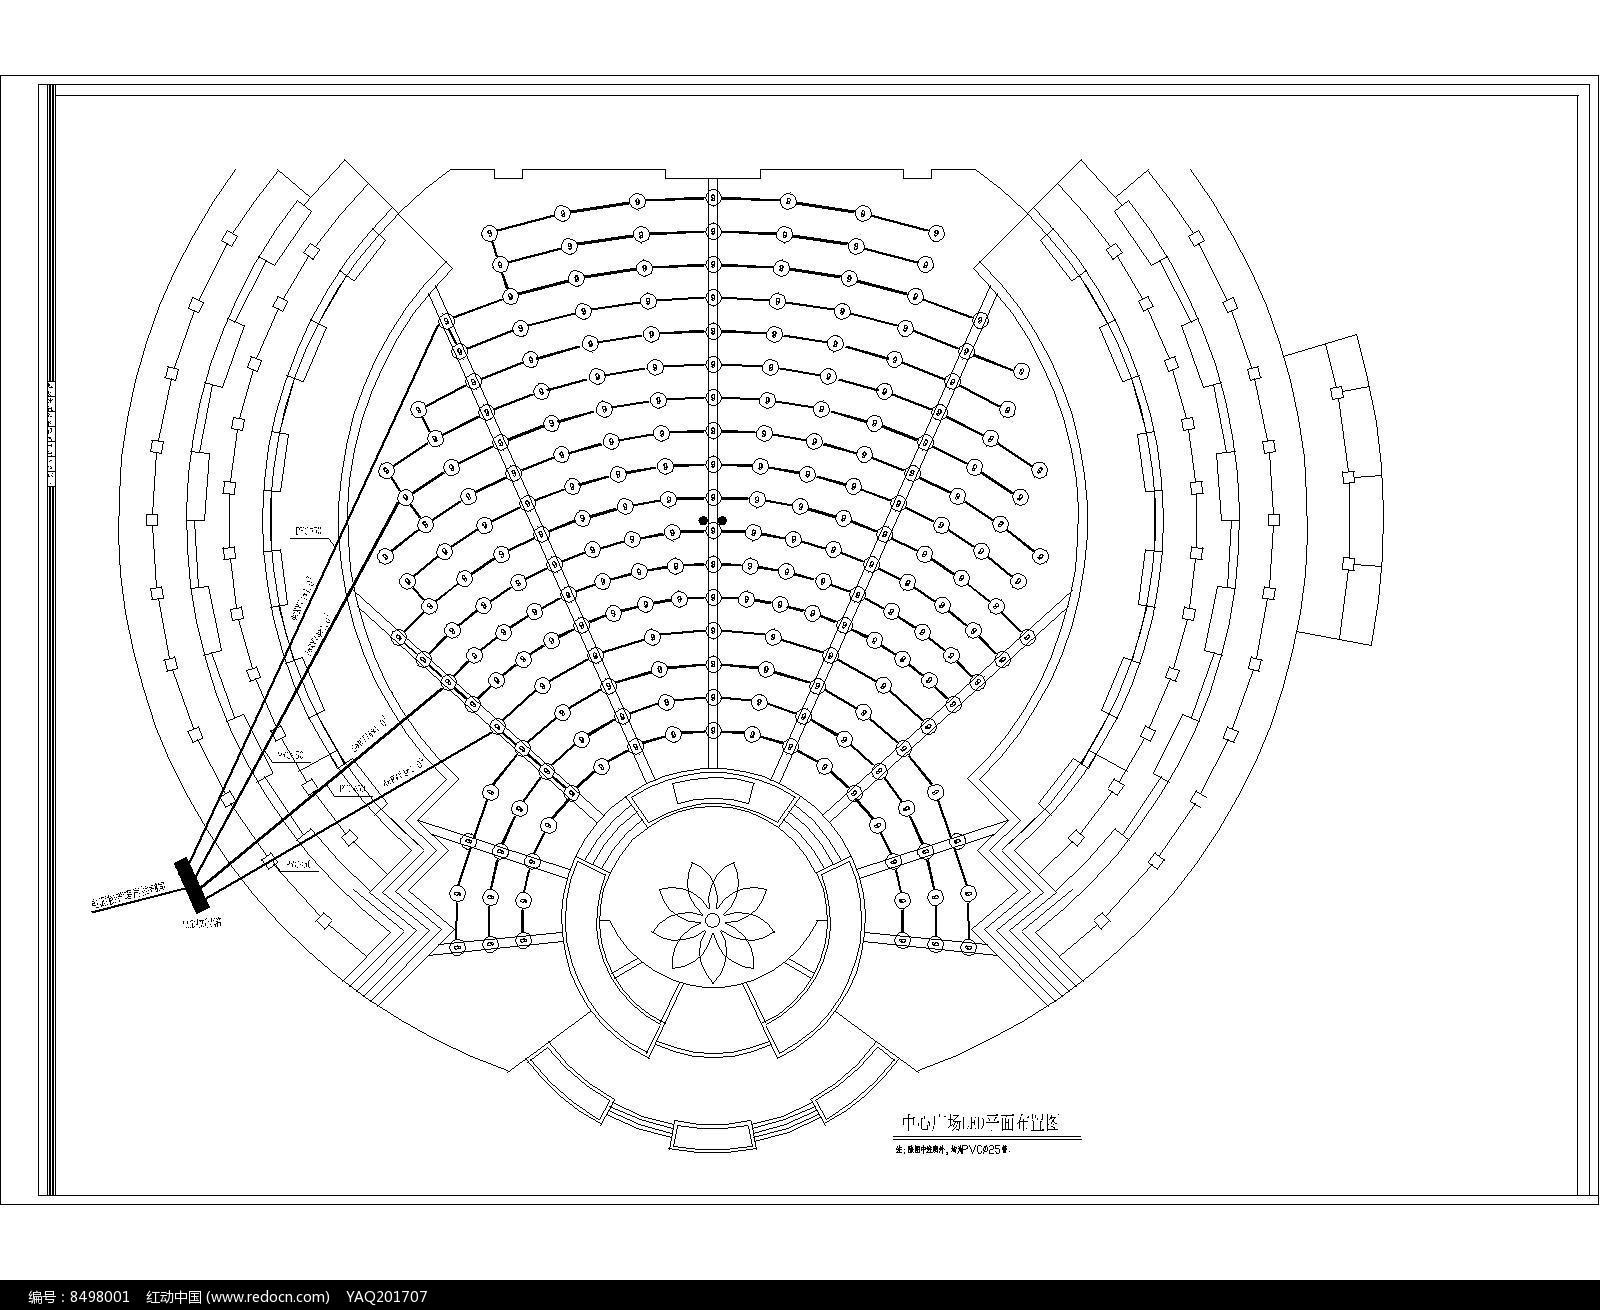 中心圆形广场led平面布置图dwg素材下载_cad总平设计